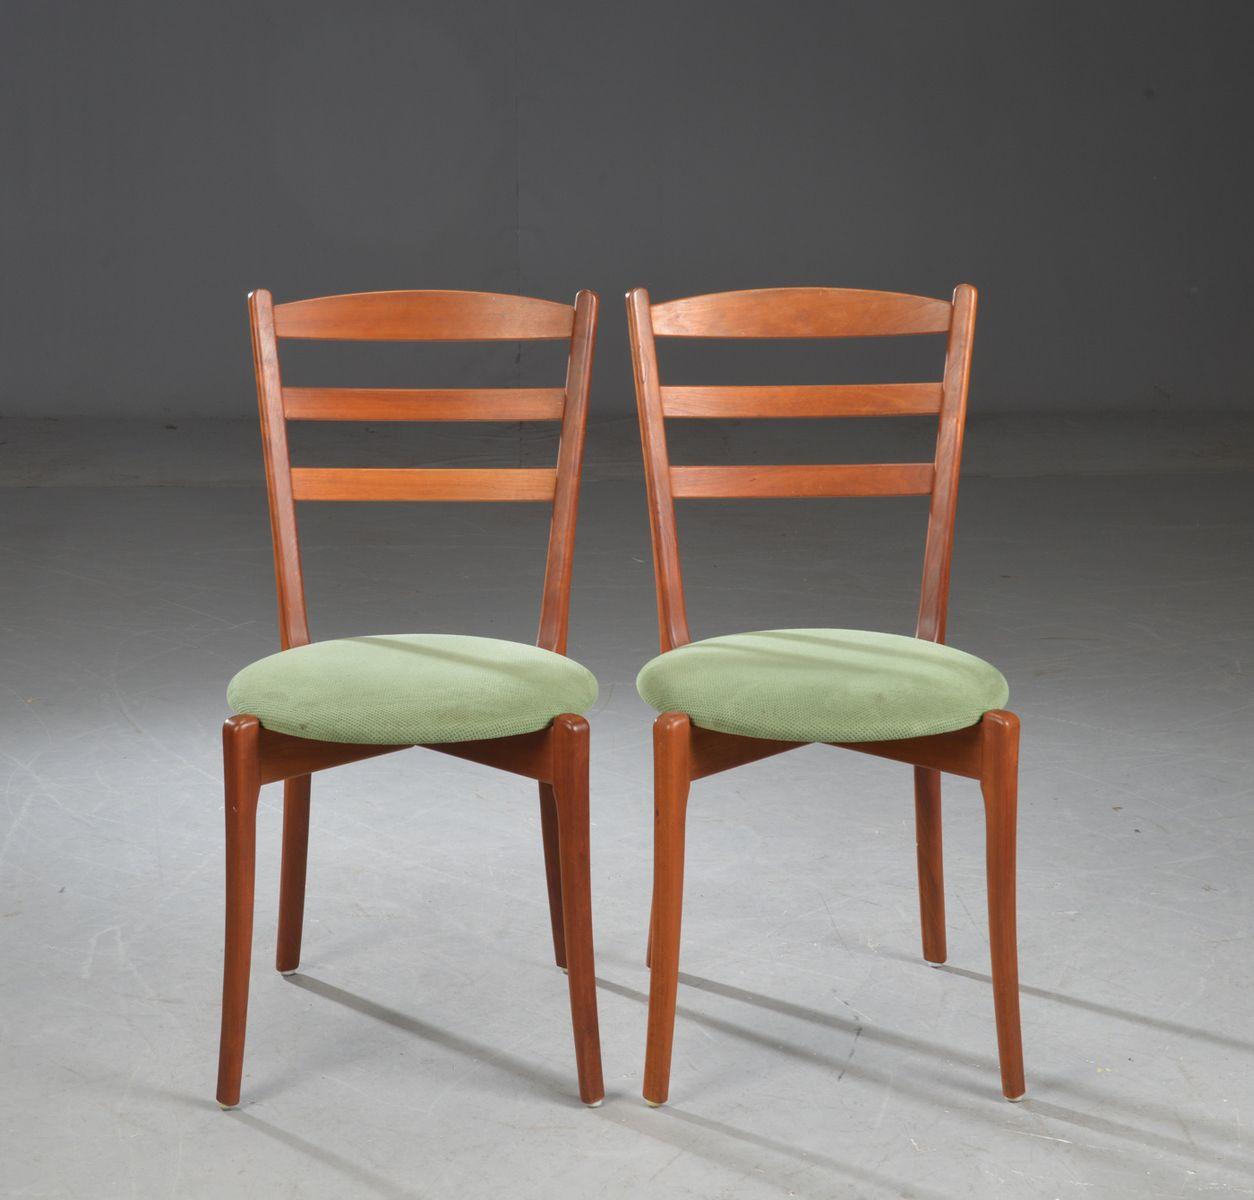 d nischer esstisch 6 st hle von haslev m belsnedkeri 1970er bei pamono kaufen. Black Bedroom Furniture Sets. Home Design Ideas